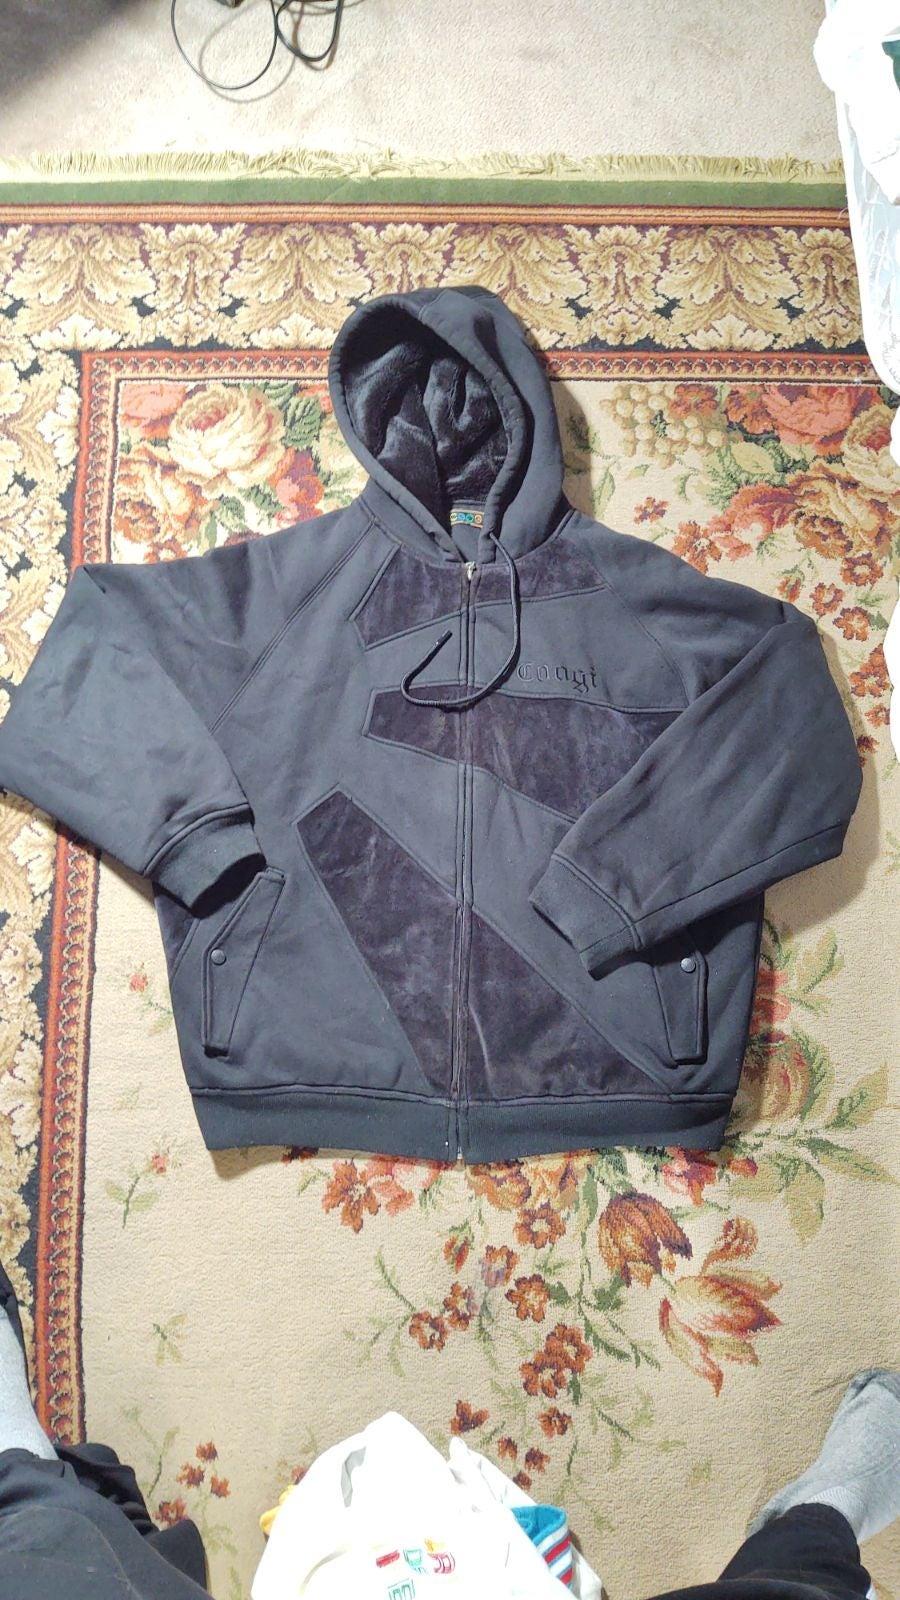 Coogi zip up jacket